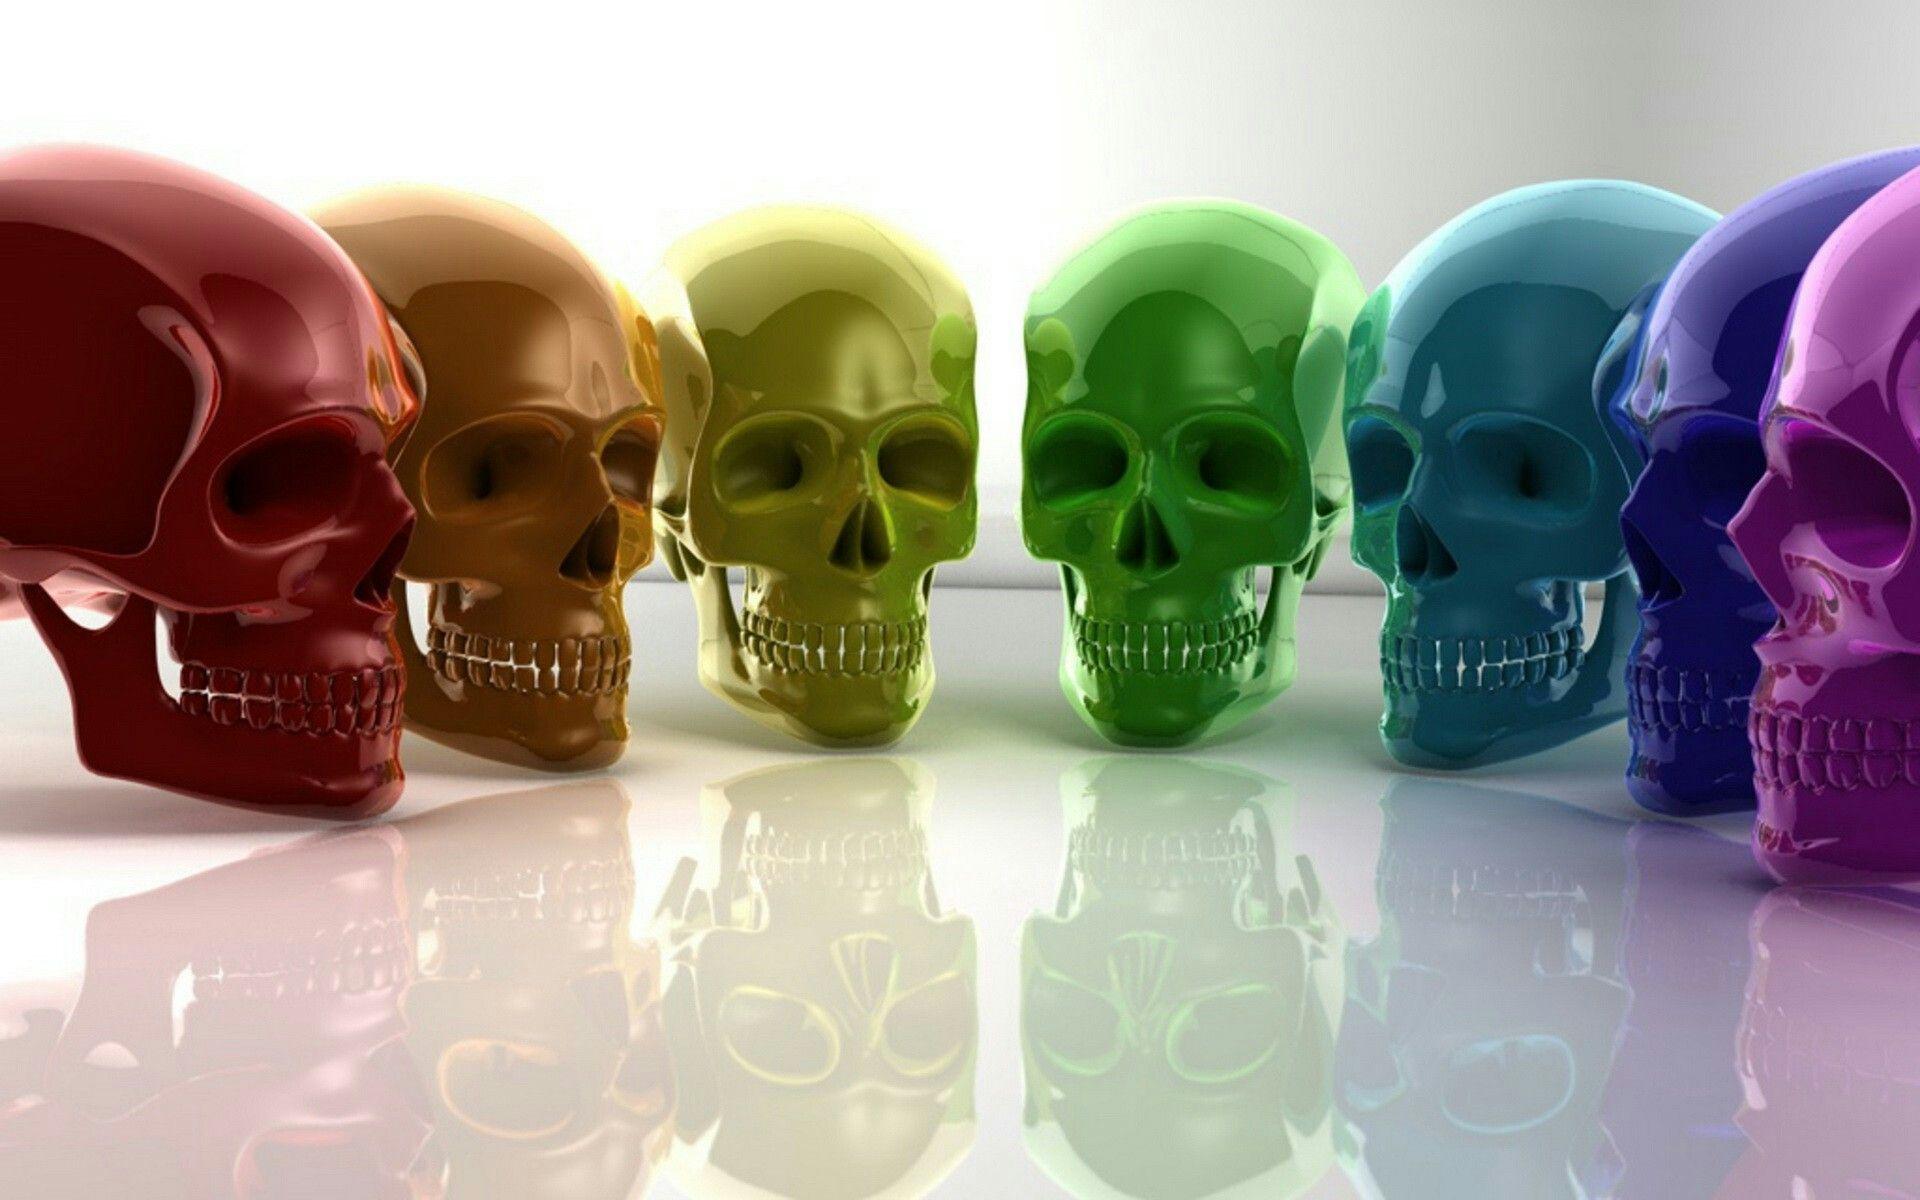 Pin by Kristan Masker on Skulls